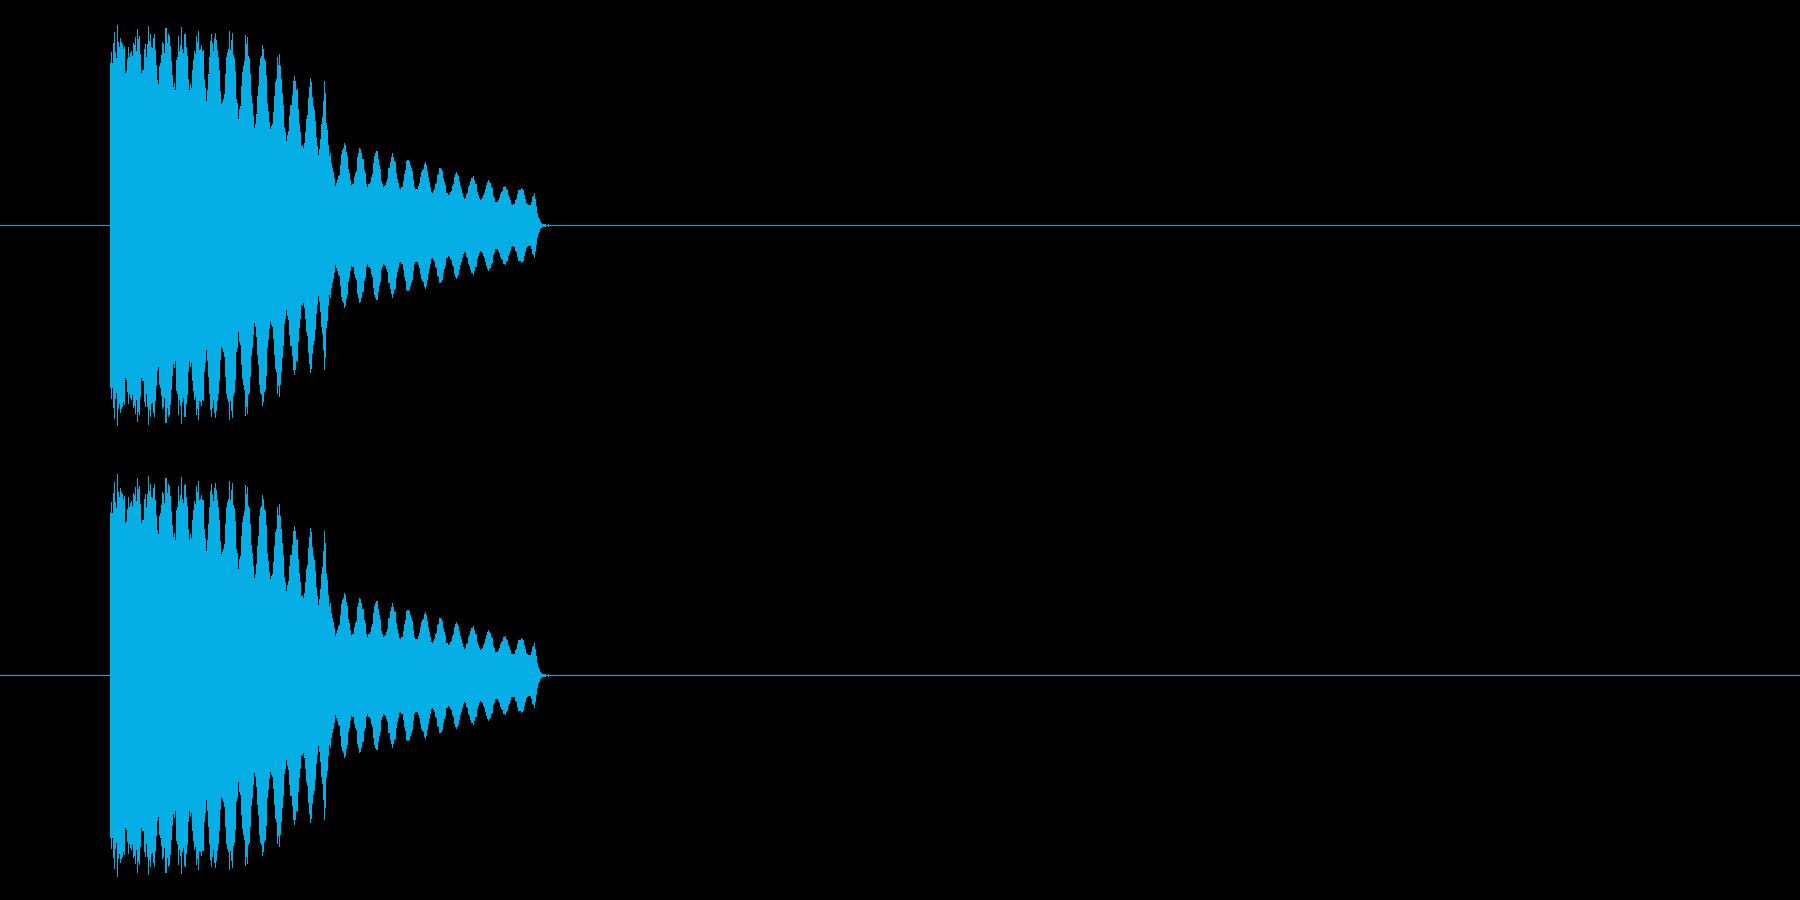 【GB 汎用02-02(ピッチ)】 の再生済みの波形